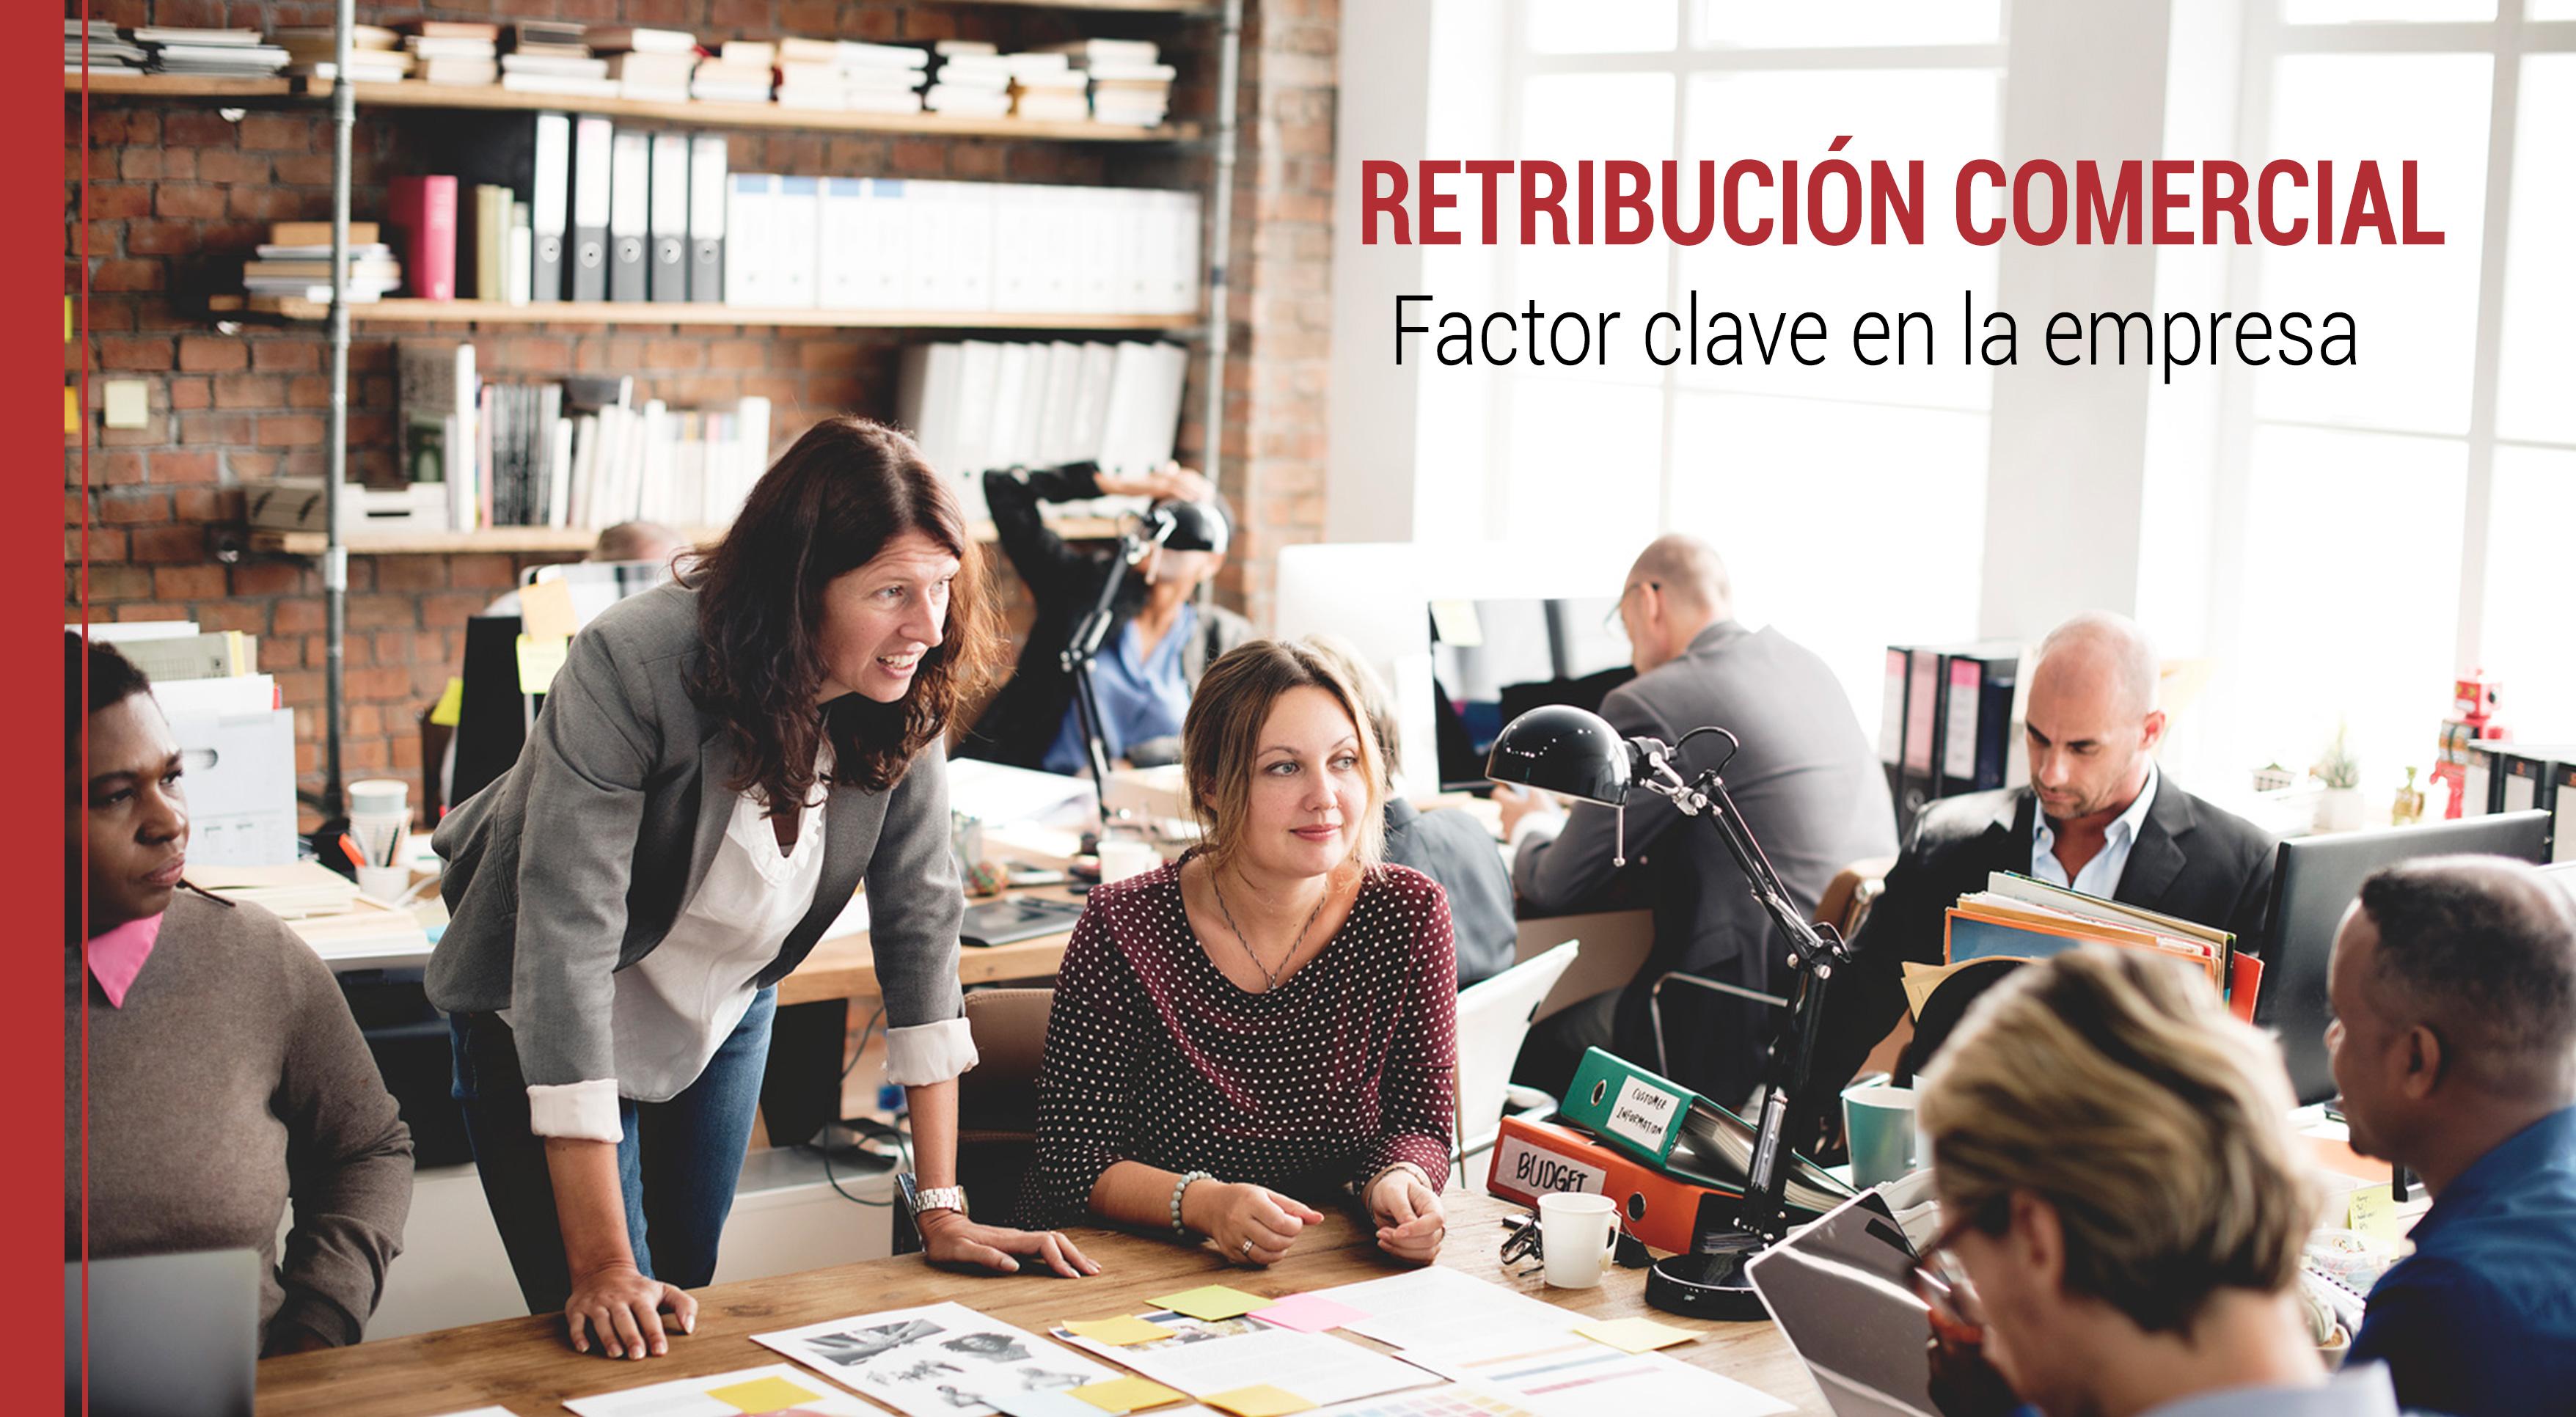 retribucion-comercial-empresas Retribución comercial: Factor clave para el éxito en la empresa